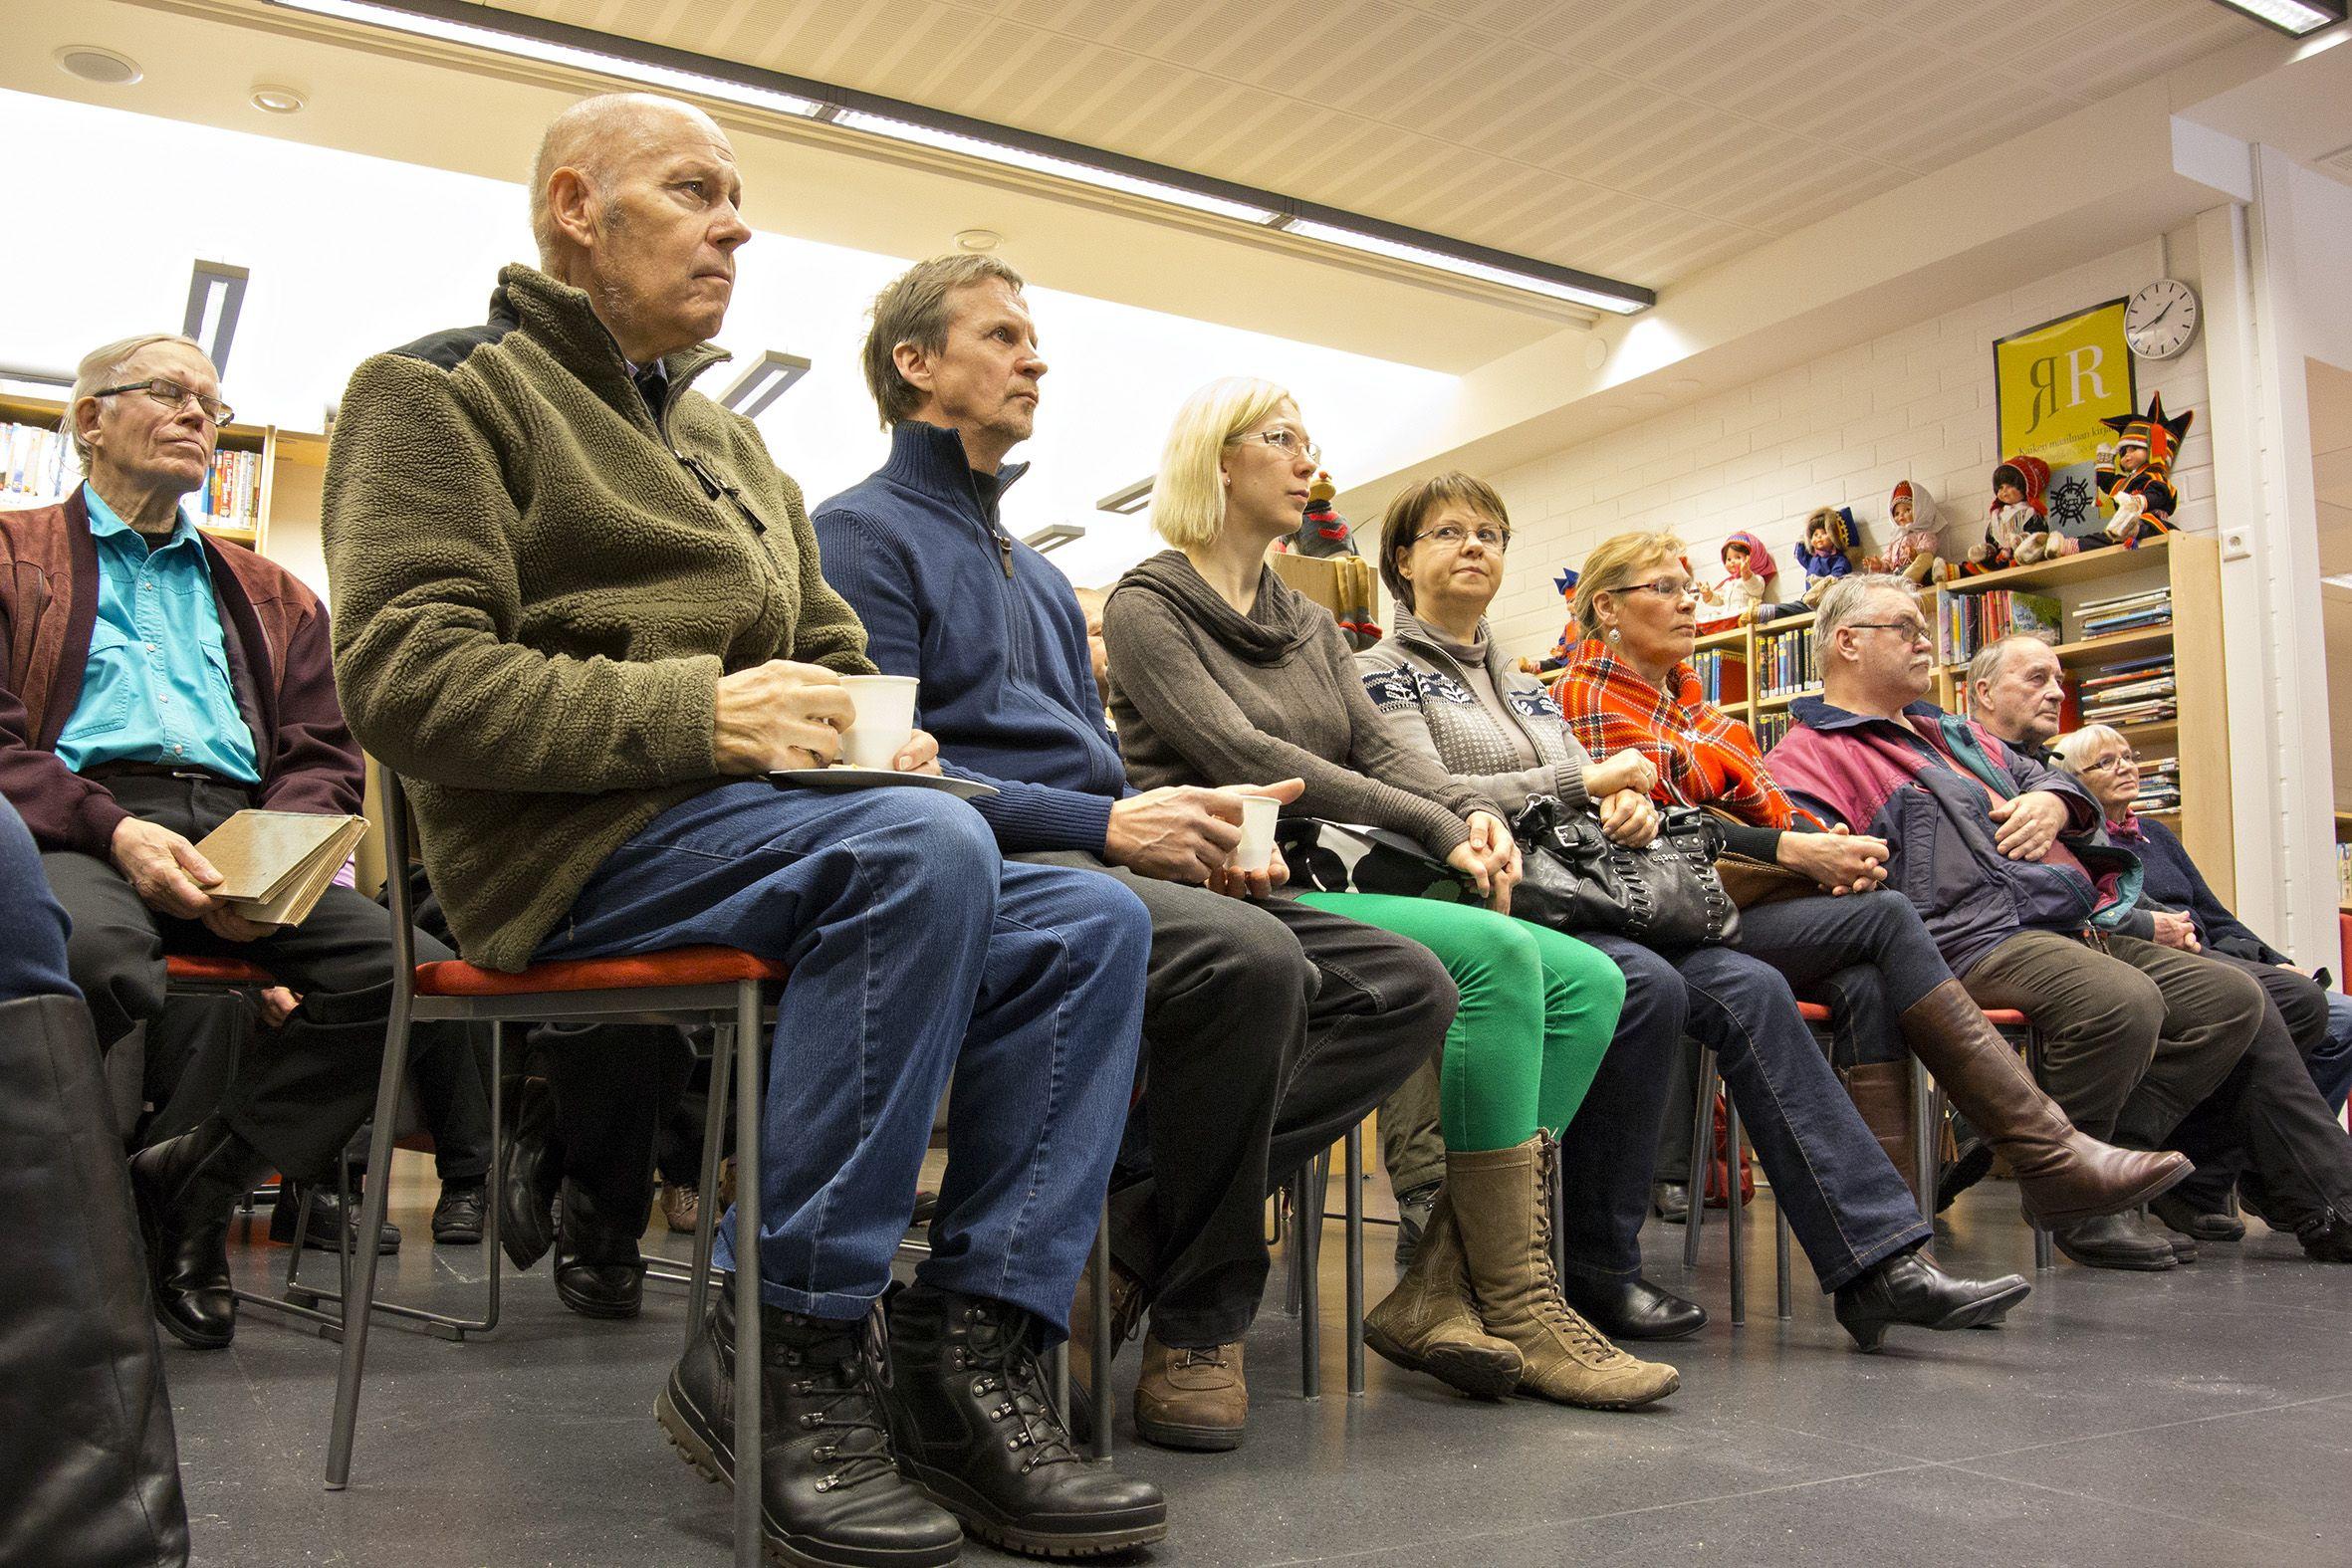 Seuran kevätkokous keräsi tuvan täydeltä yleisöä Ivalon kirjastoon 1.3.2014. Kuva: Tero Ronkainen.